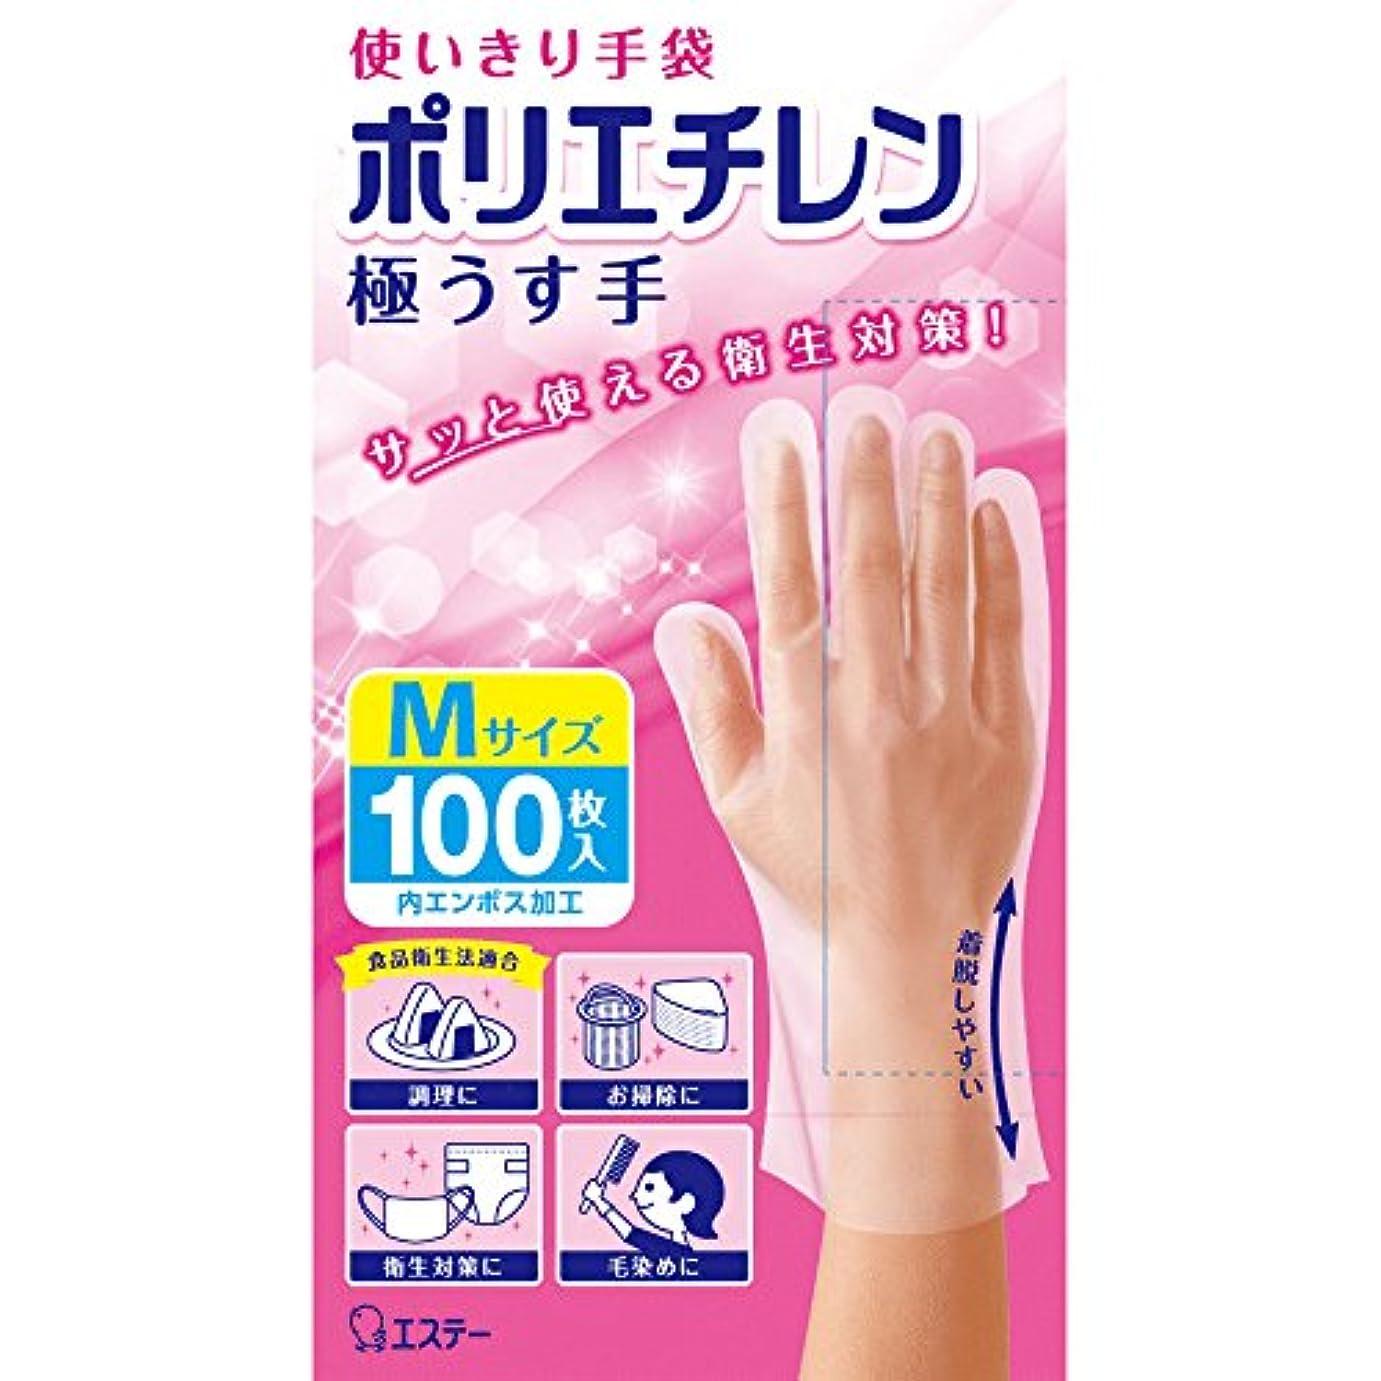 正しく編集者困った使いきり手袋 ポリエチレン 極うす手 Mサイズ 半透明 100枚 使い捨て 食品衛生法適合